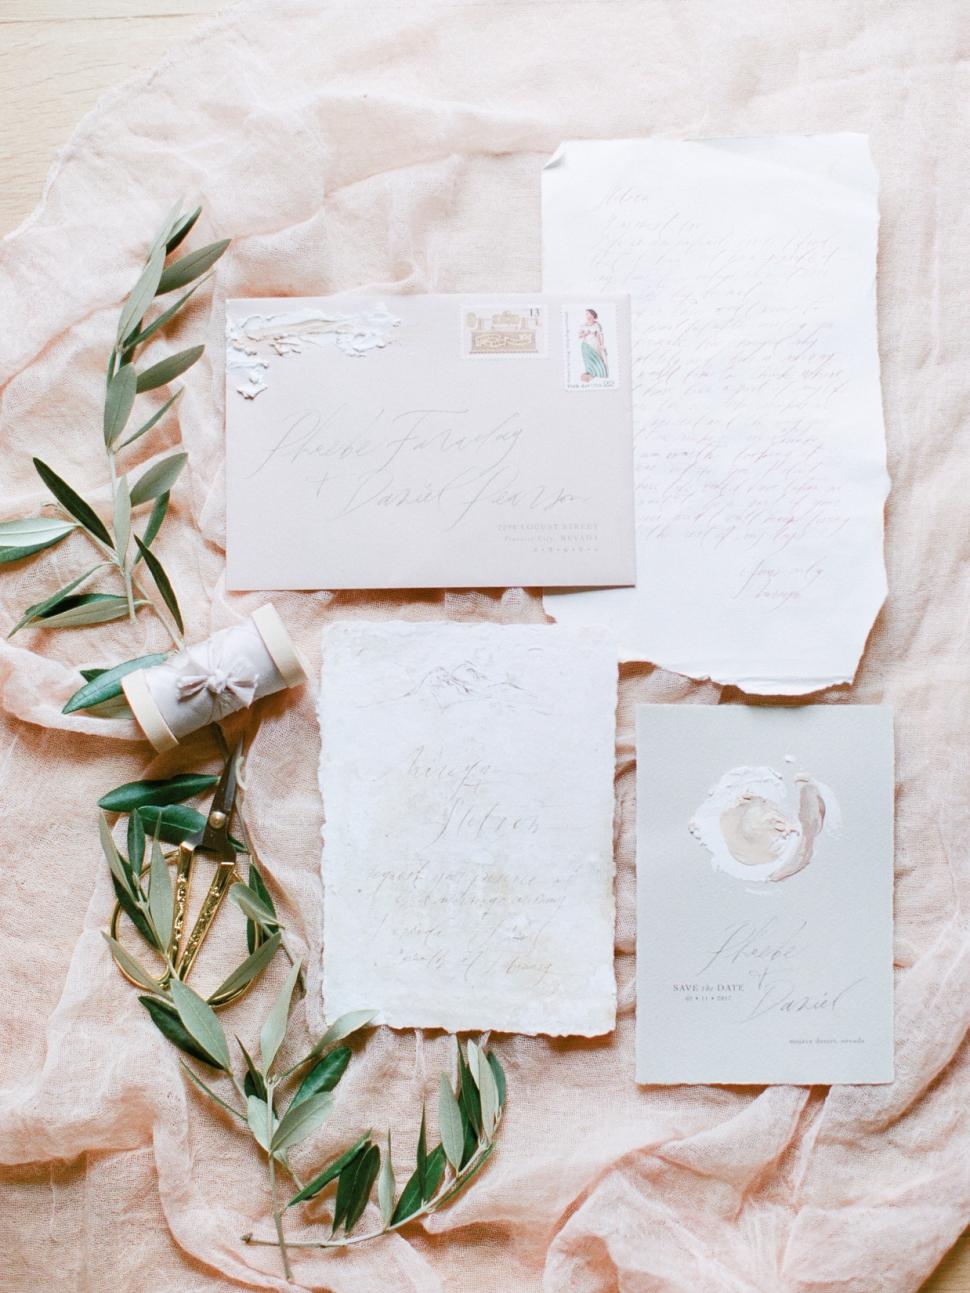 Tuscany-Destination-Wedding-Photographer-Cassi-Claire-Borgo-Petrognano-Florence-Wedding-07.jpg